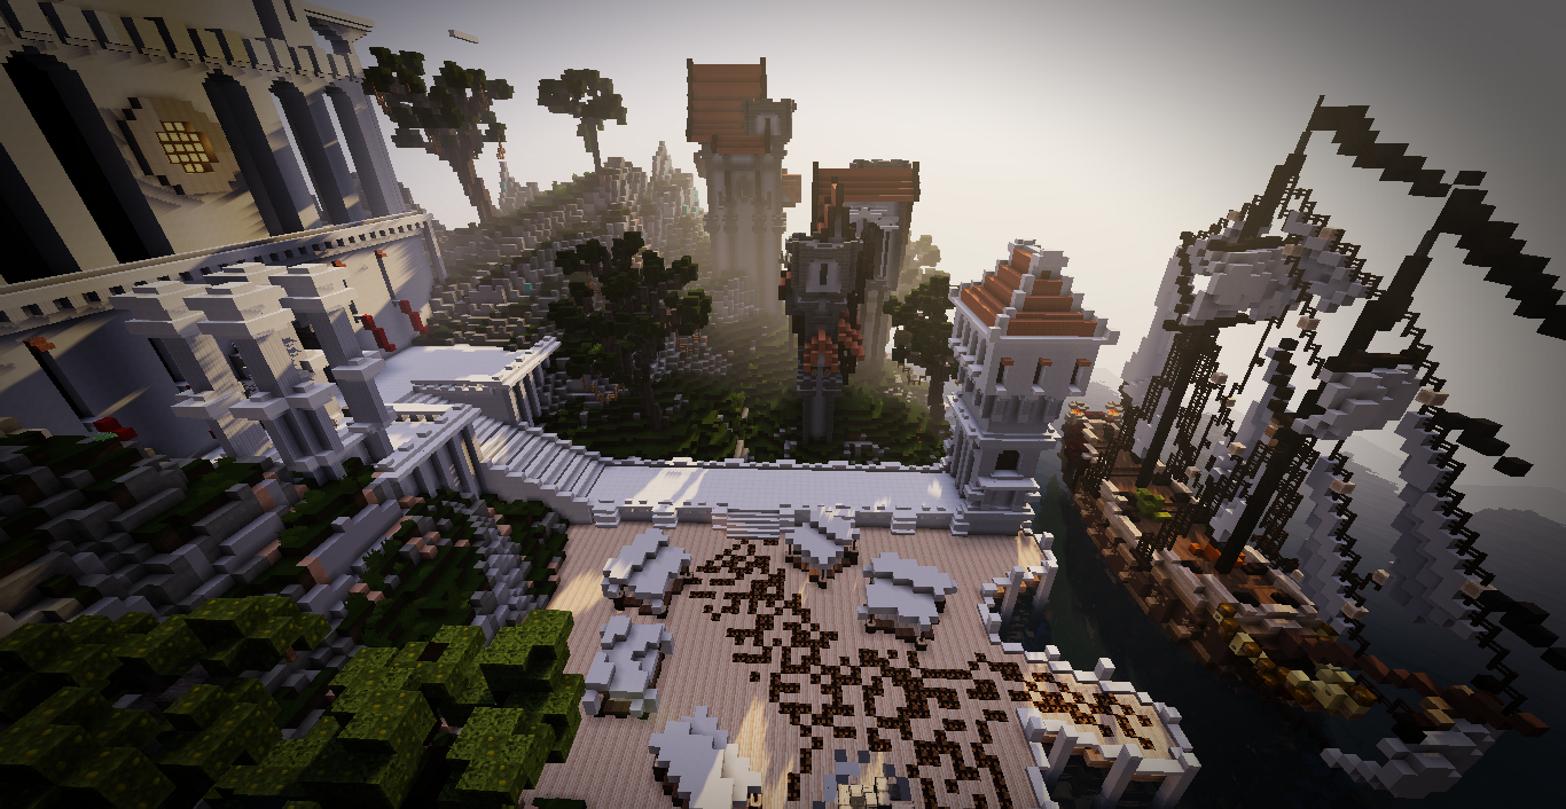 Popular Wallpaper Minecraft Landscape - Minecraft-landscape-tower-1247053  Pictures_932773.jpg